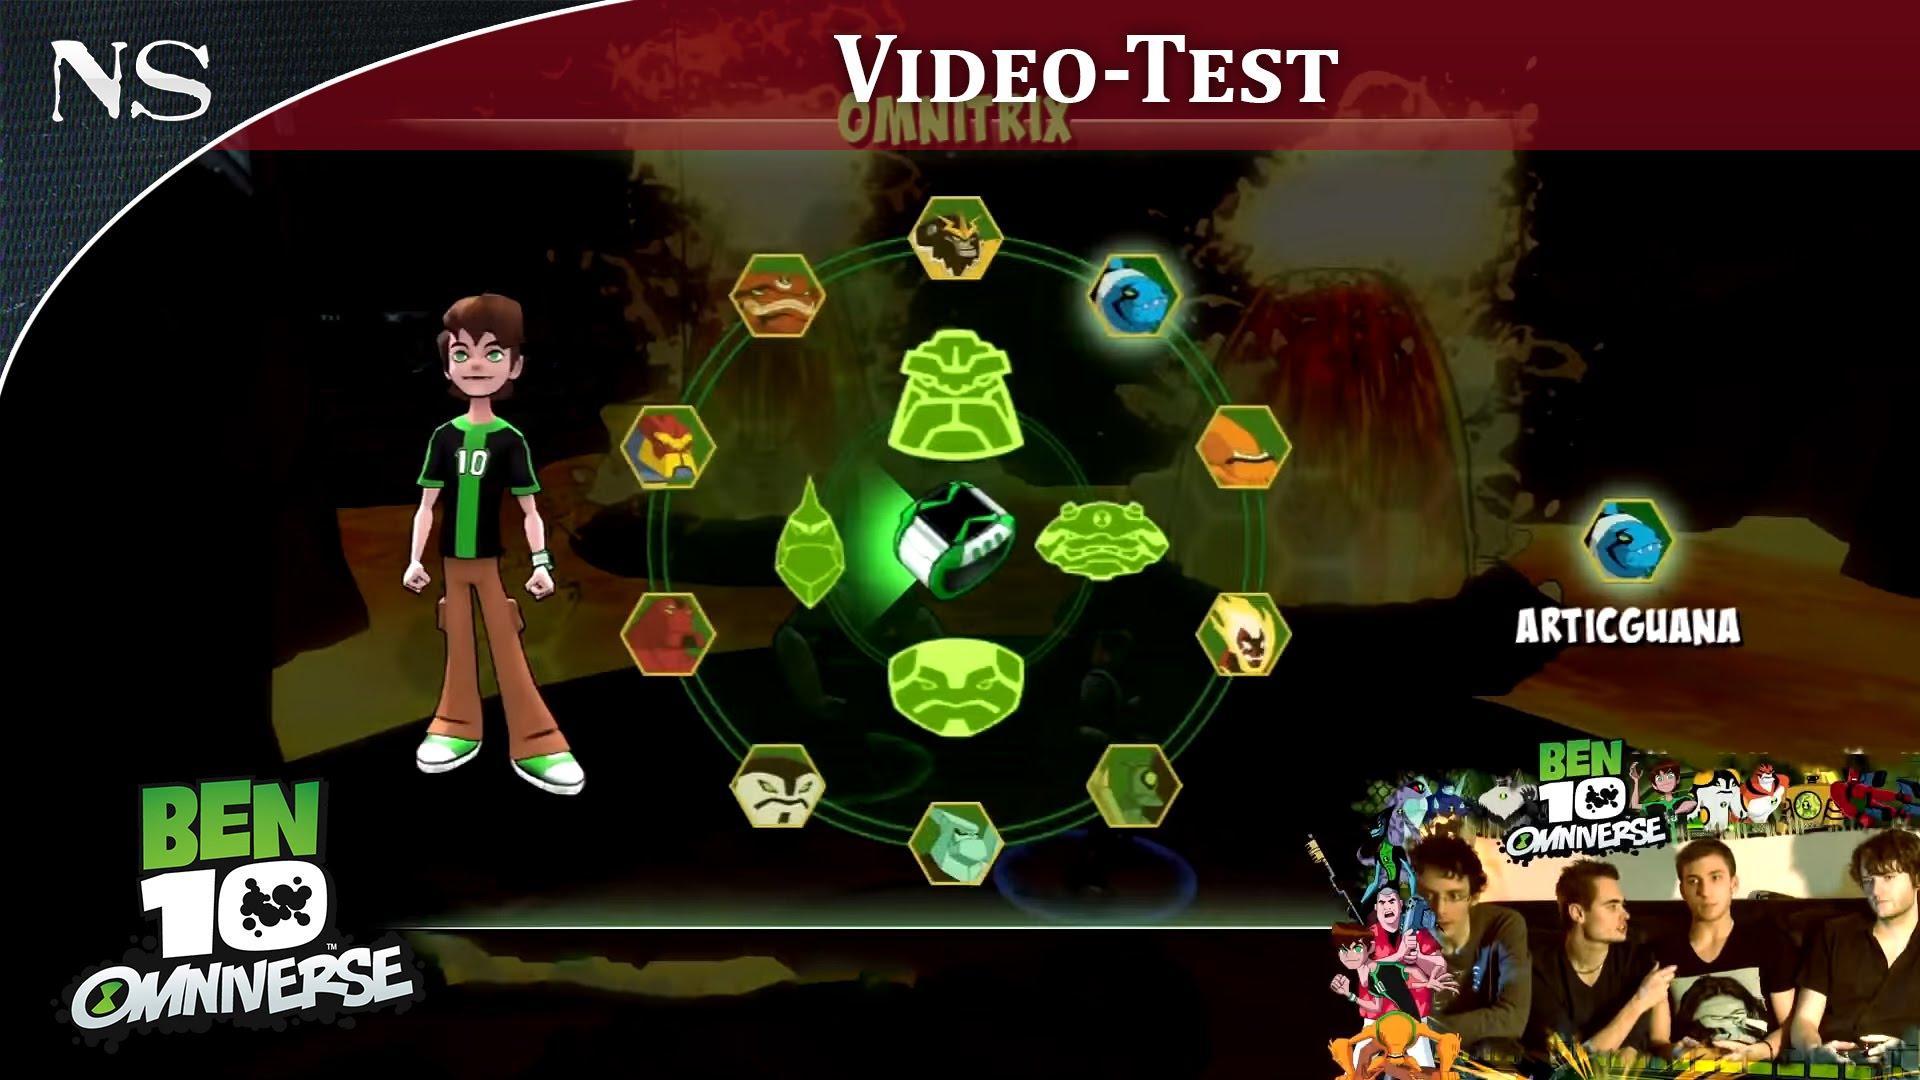 jeux video de ben 10